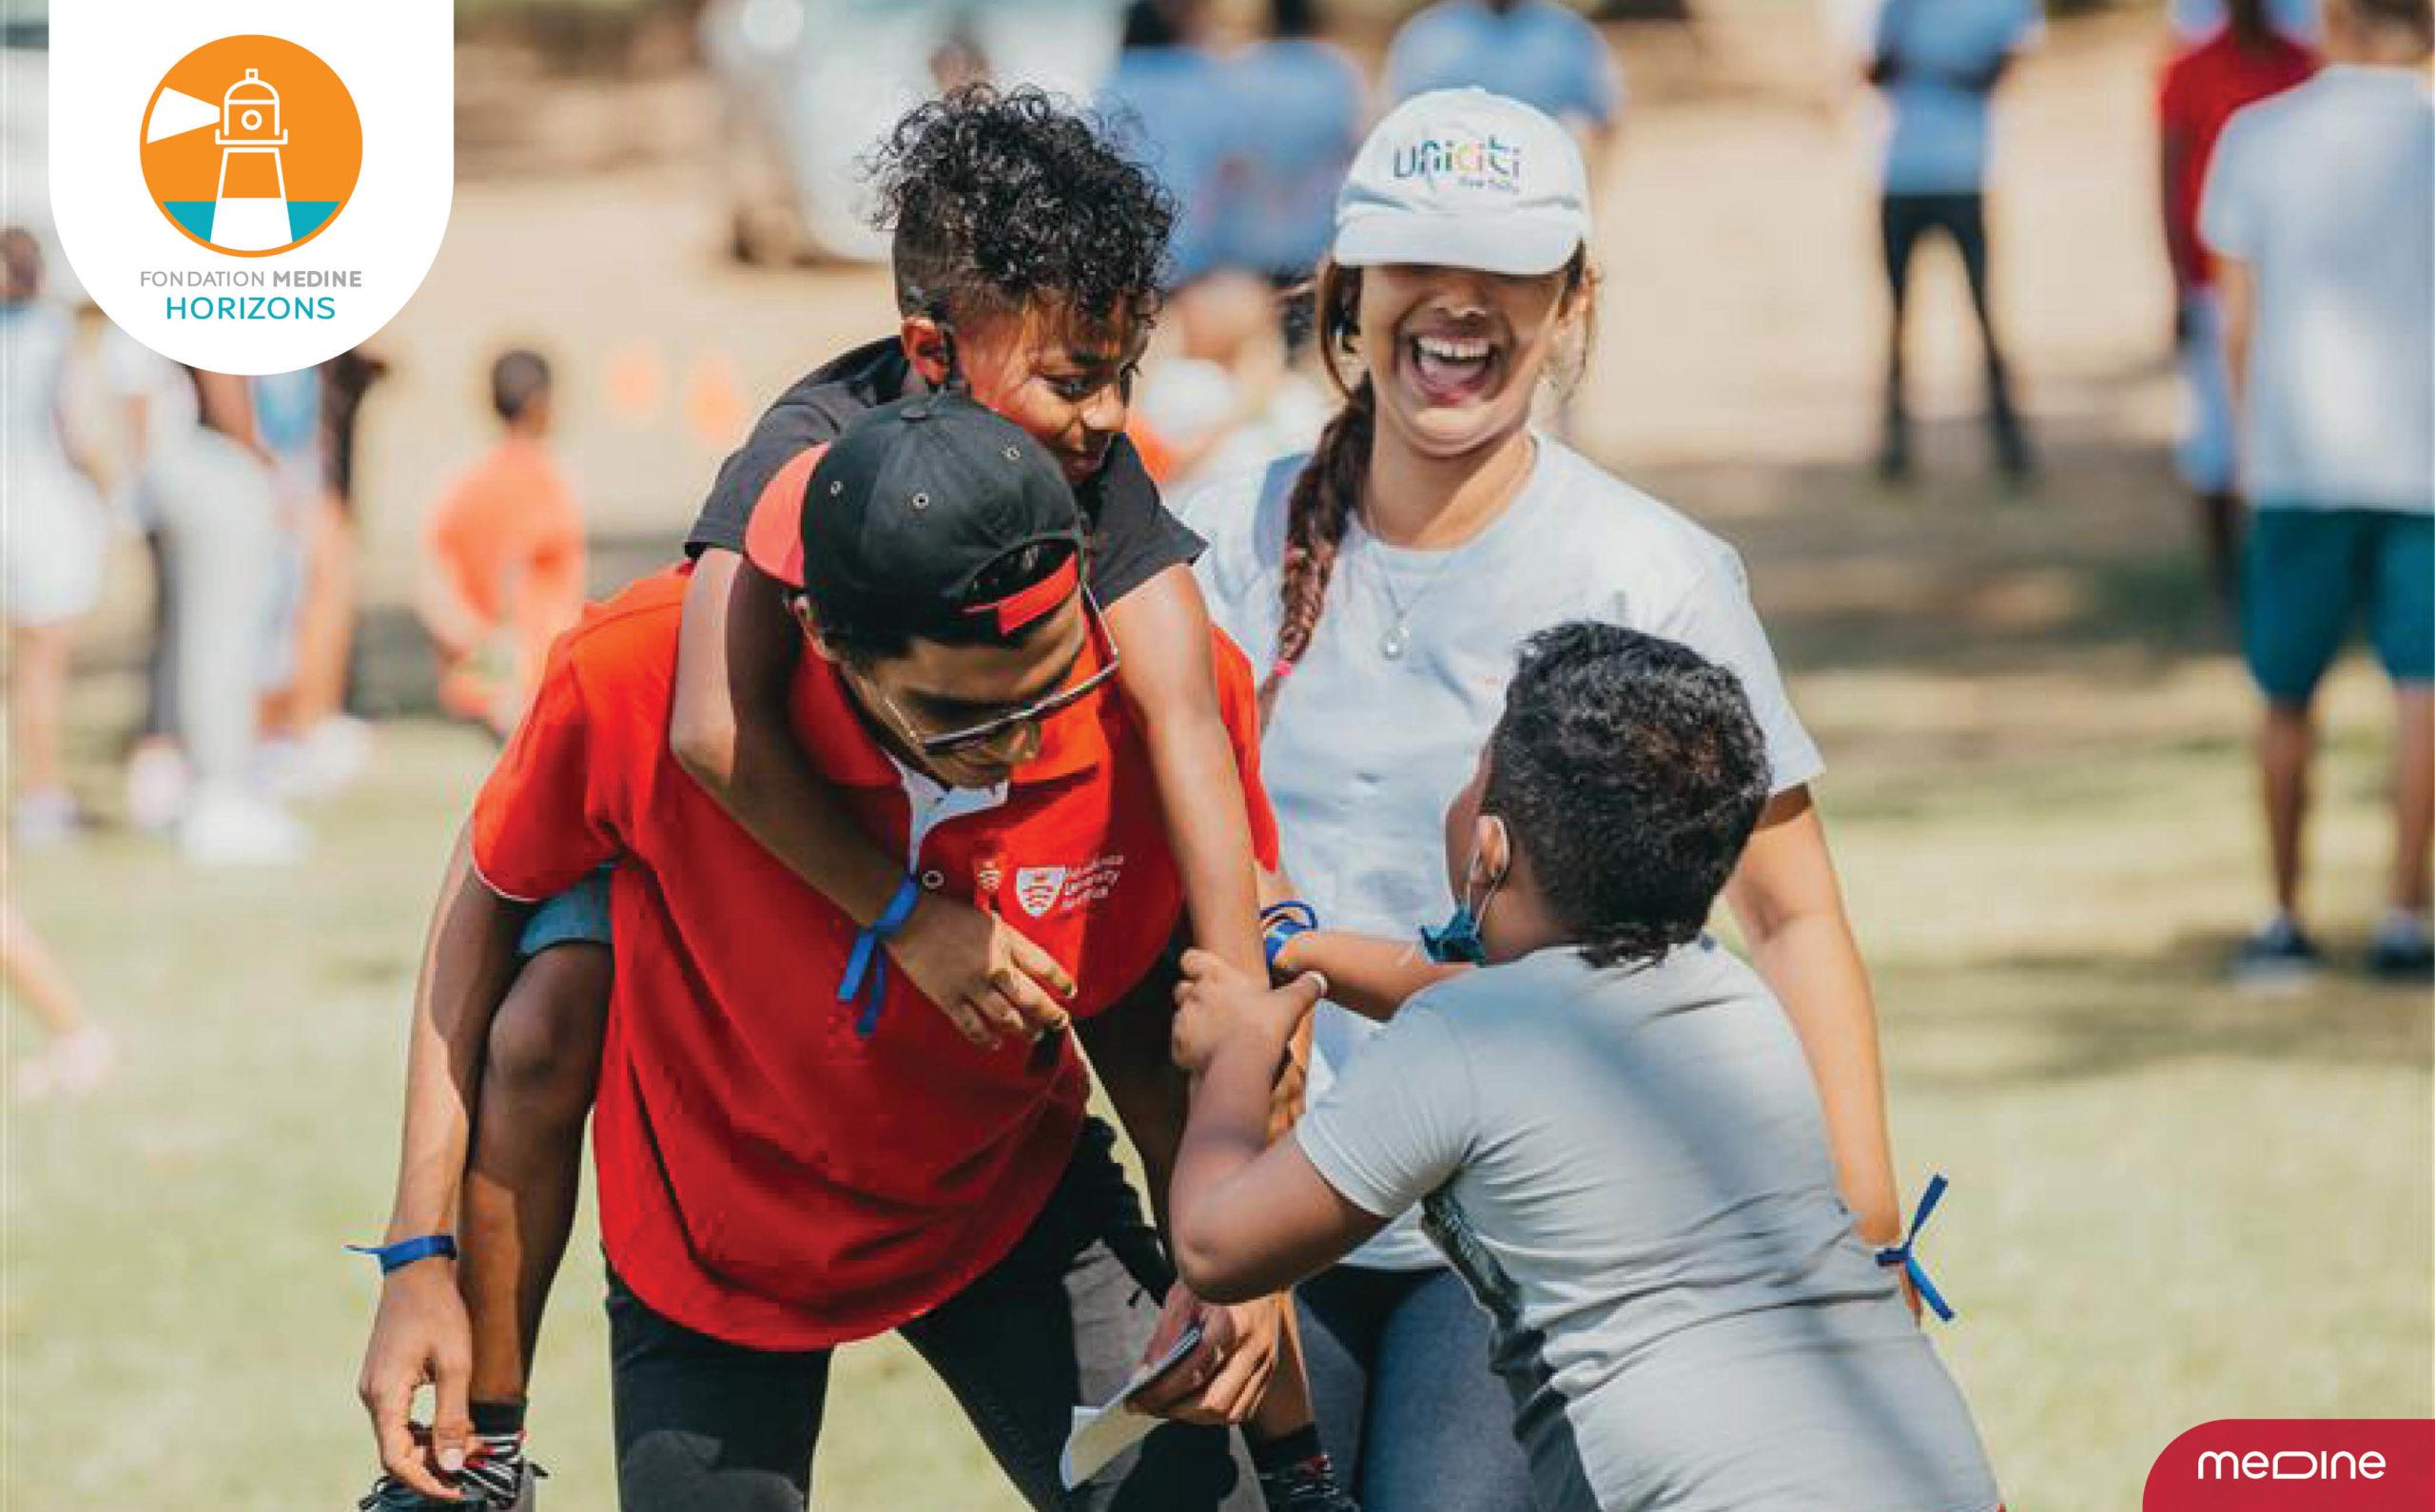 Fondation Medine Horizons donne le sourire aux jeunes | business-magazine.mu